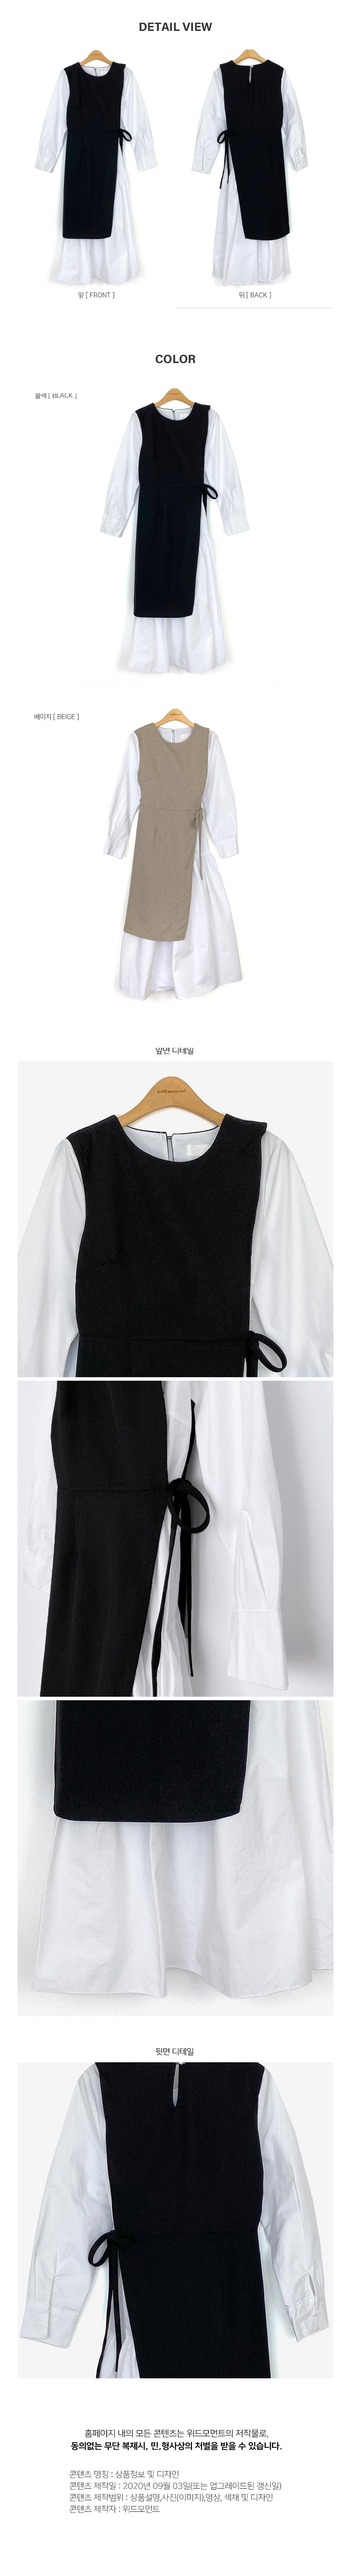 Punch layered dress